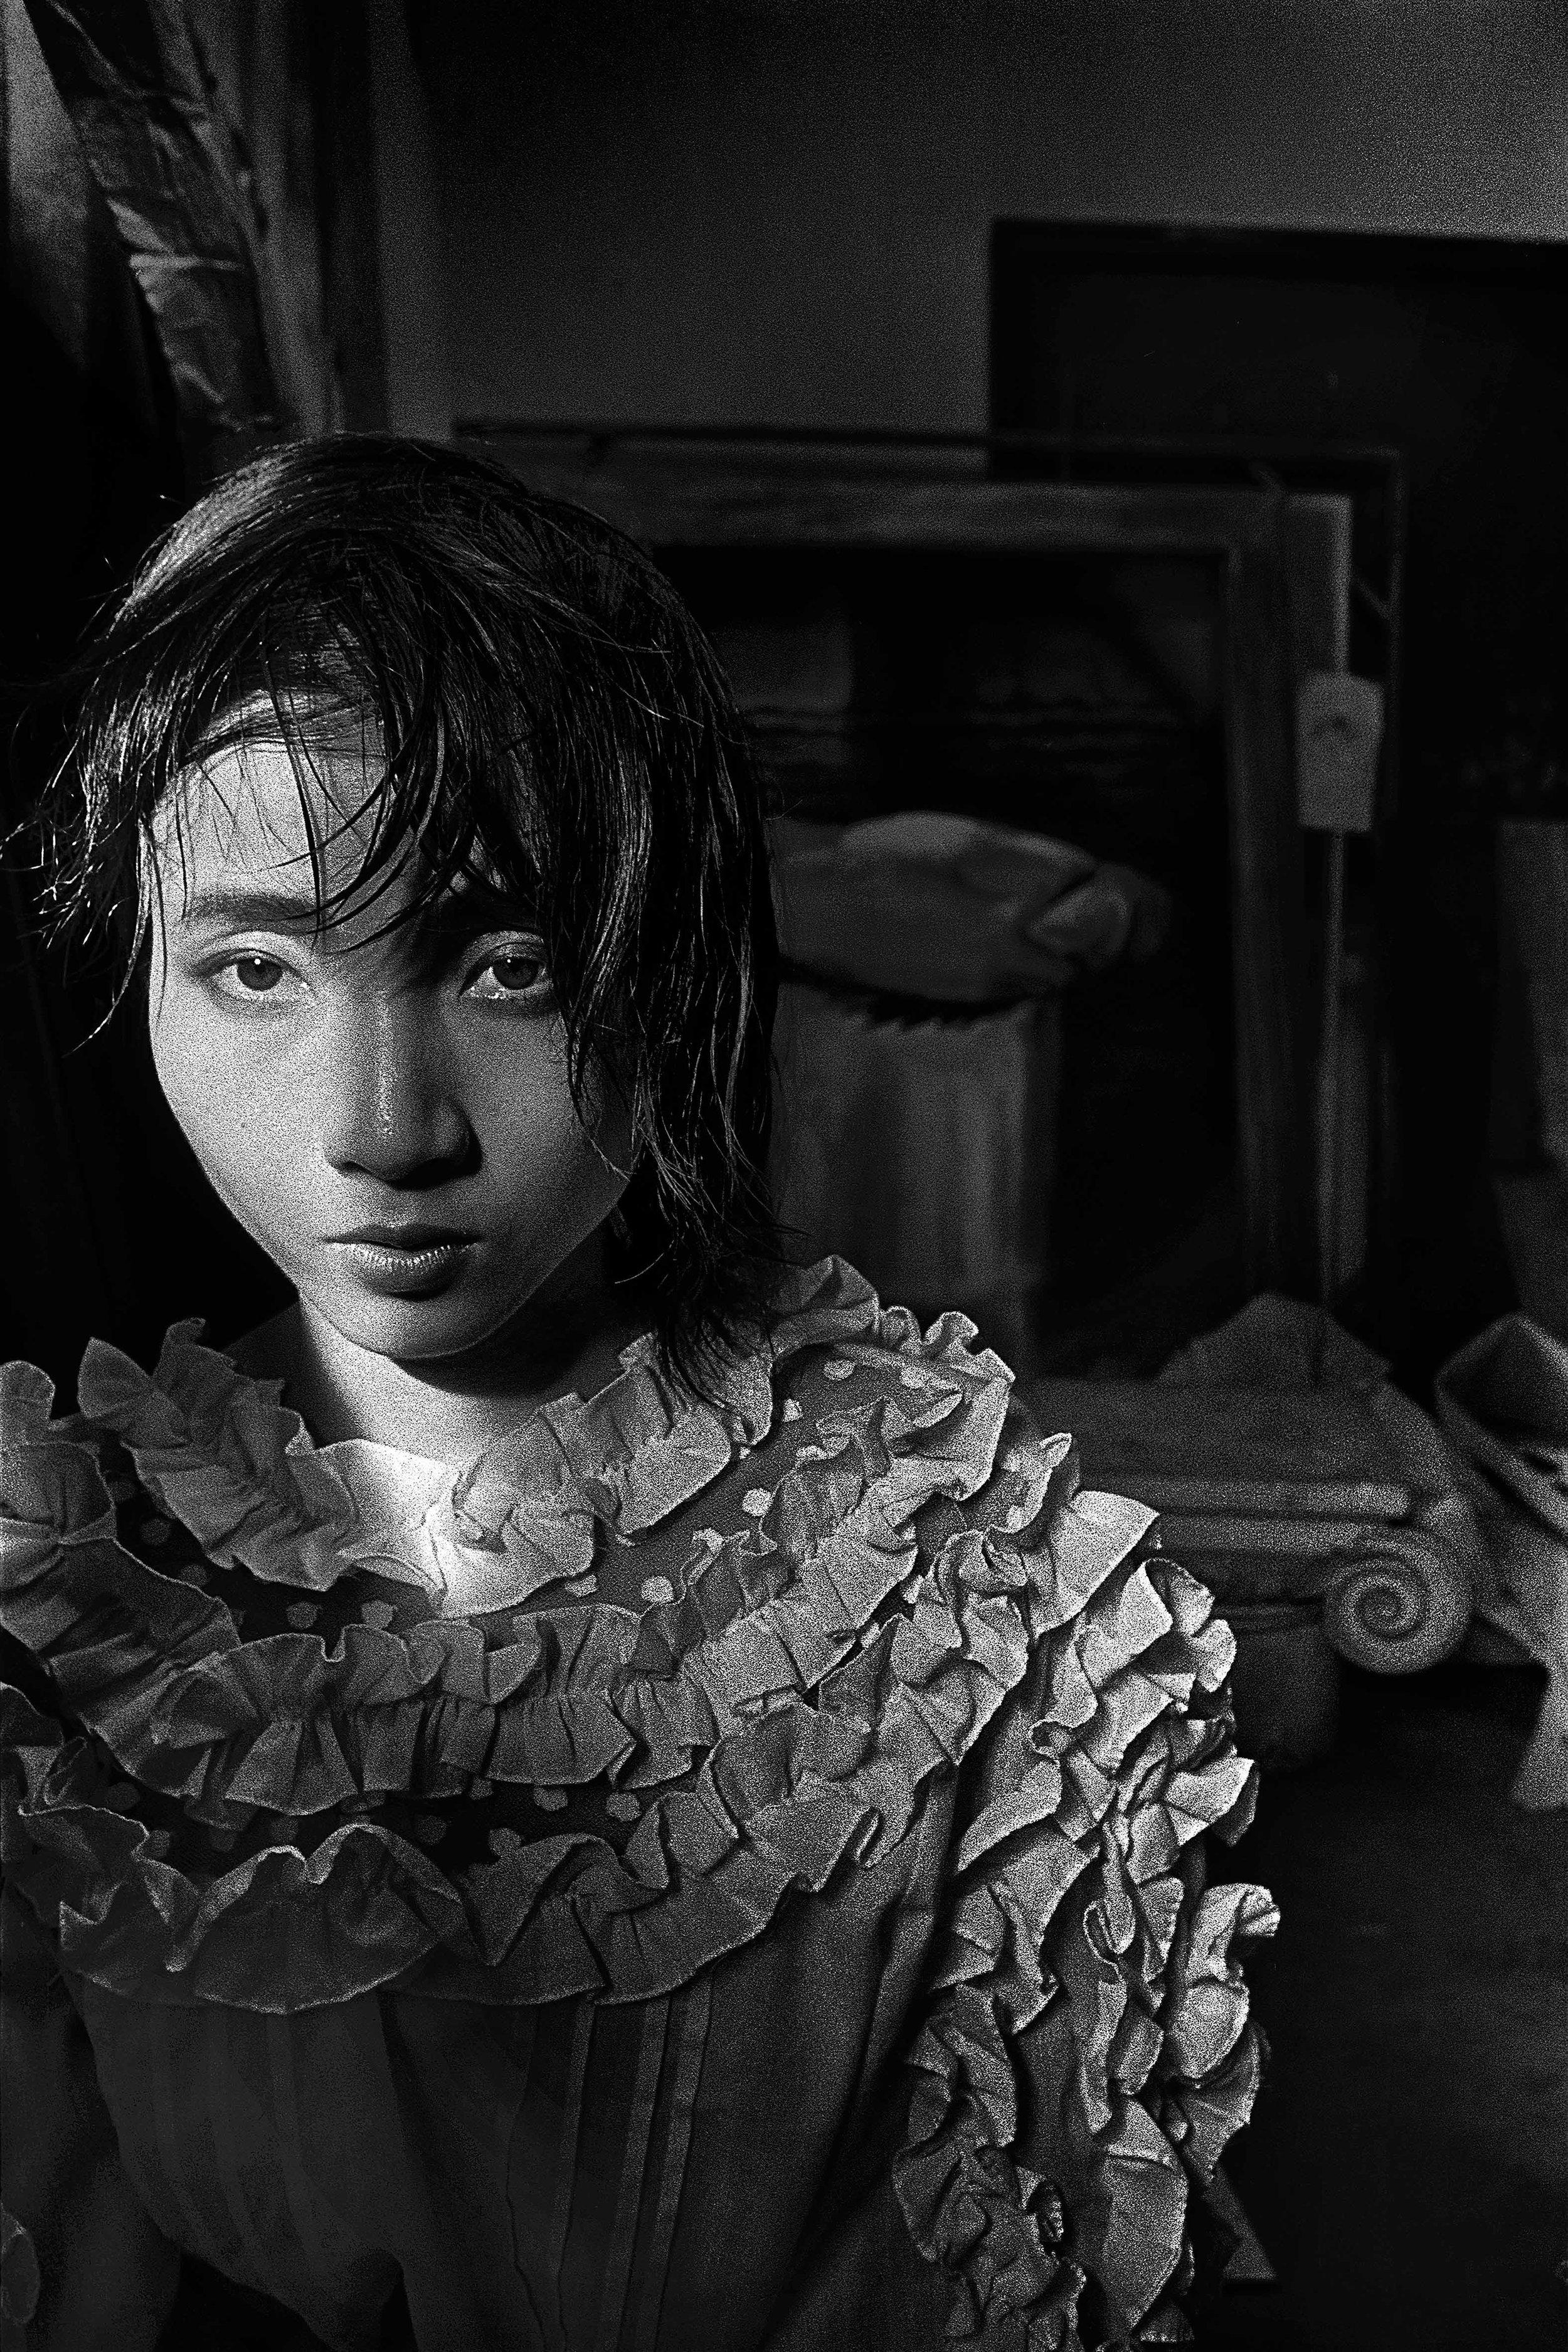 zhang-haier-hu-yuanli-1987-photography-of-chna.jpg